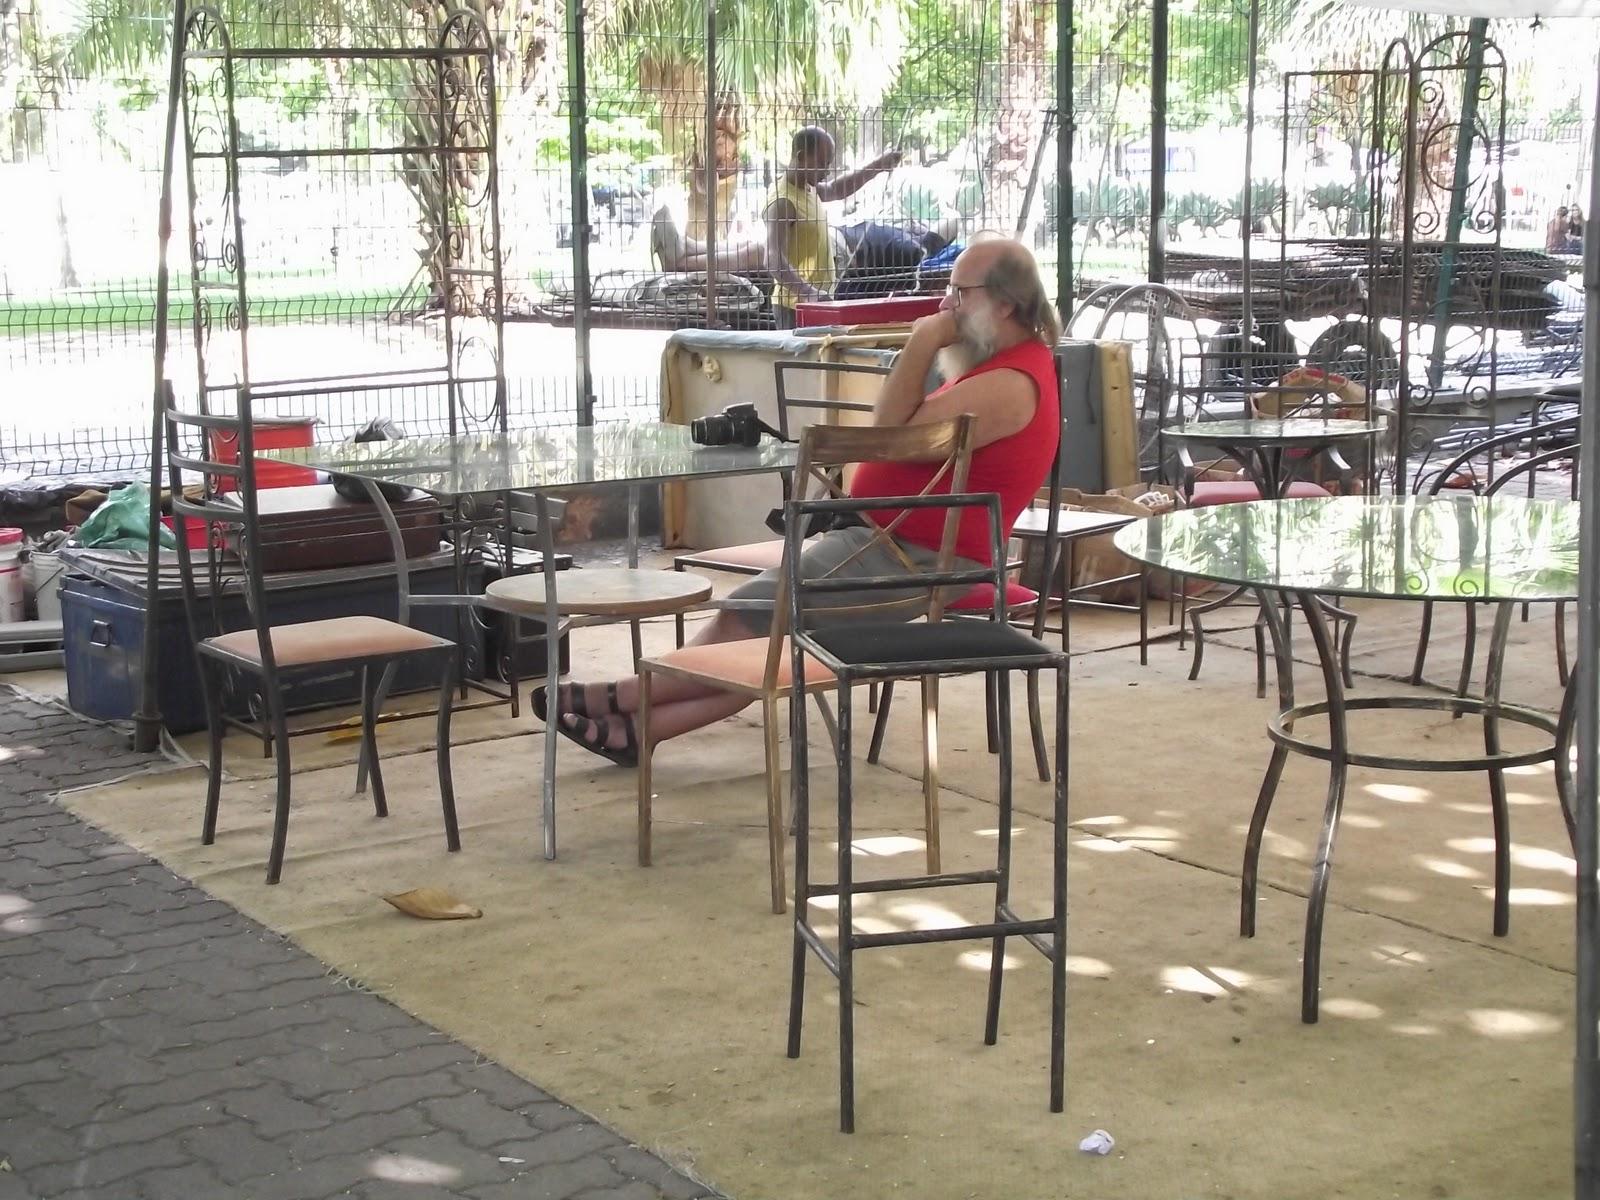 Artes da Feira Hippie de Ipanema: Móveis em ferro e madeira reciclada #9F2C38 1600x1200